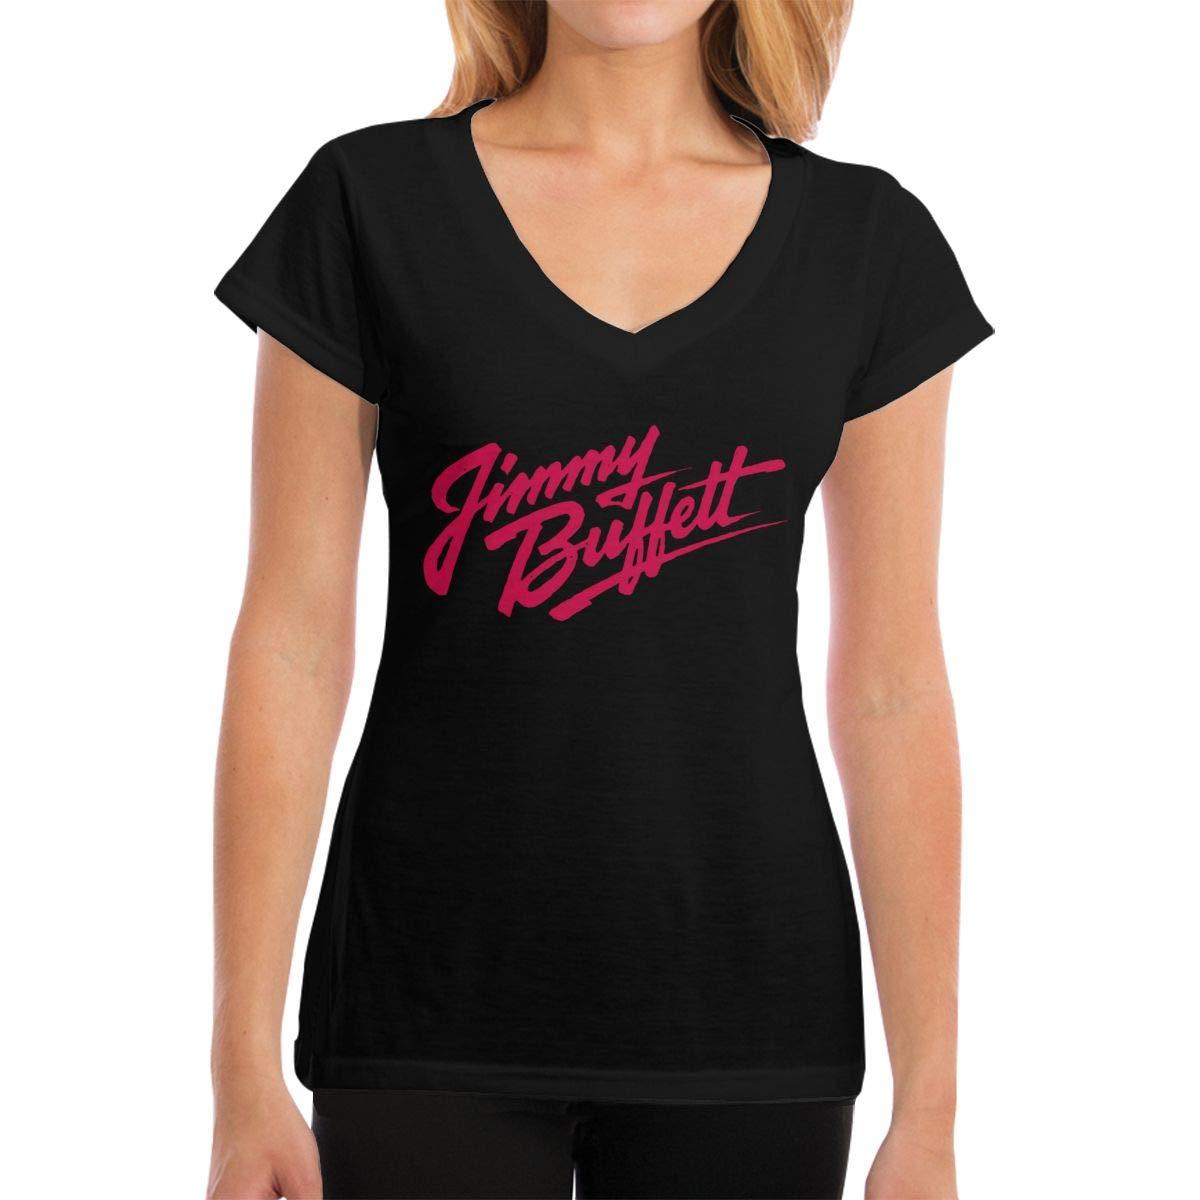 Dana J Lessard Jimmy Buffett T Shirt T Shirt Short Sleeve Tops Tees